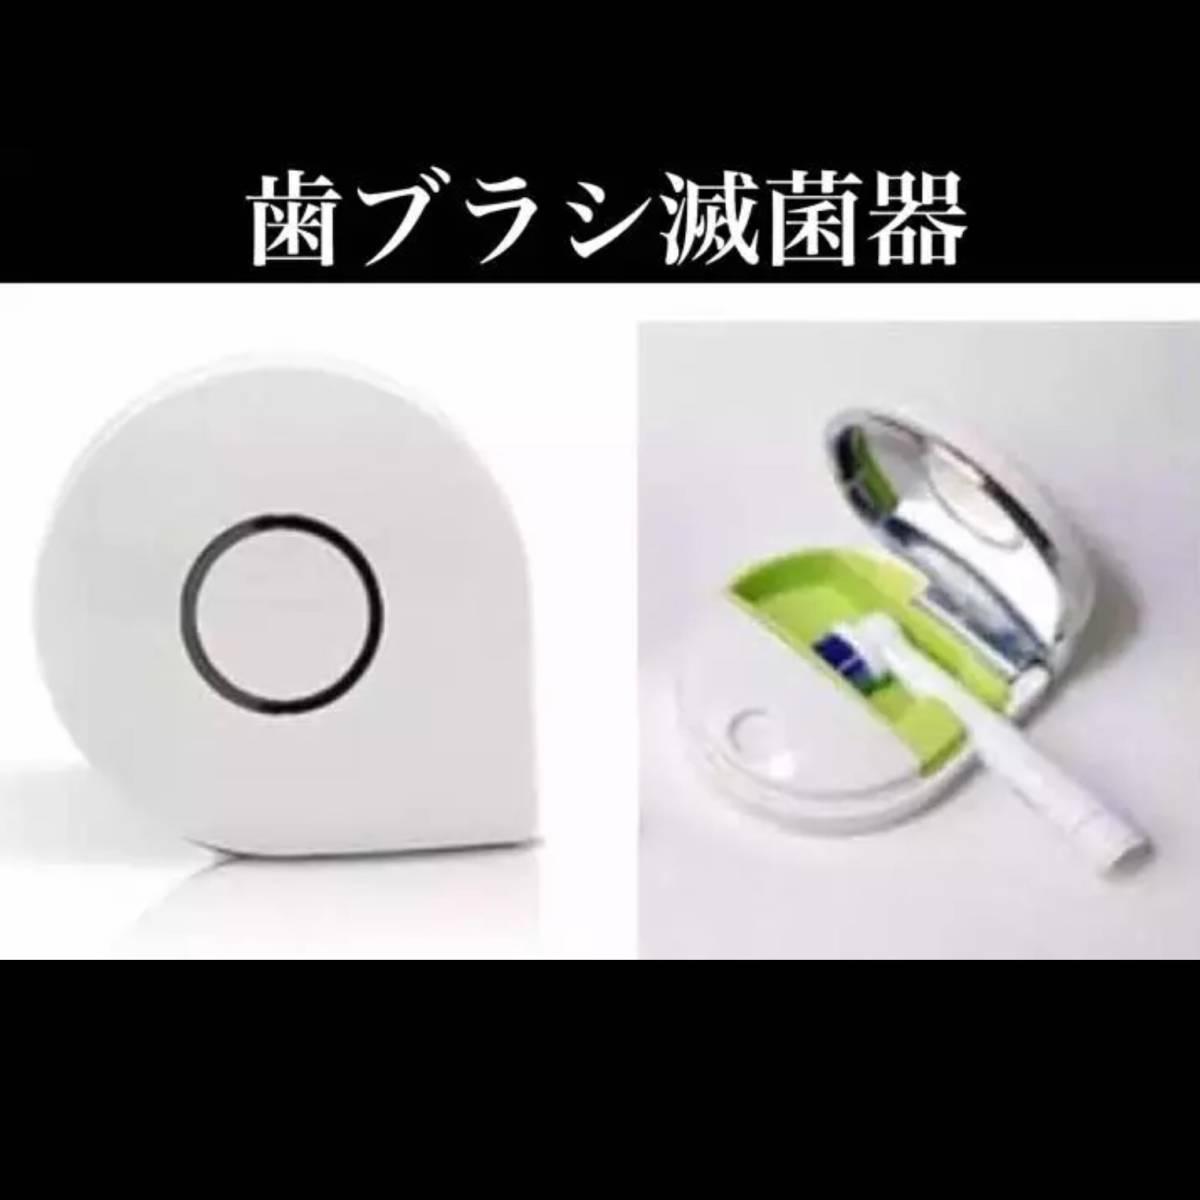 清潔に歯ブラシ 滅菌器 美しい歯 かんたんしっかりコンパクト 口内フローラ USB充電式_画像2